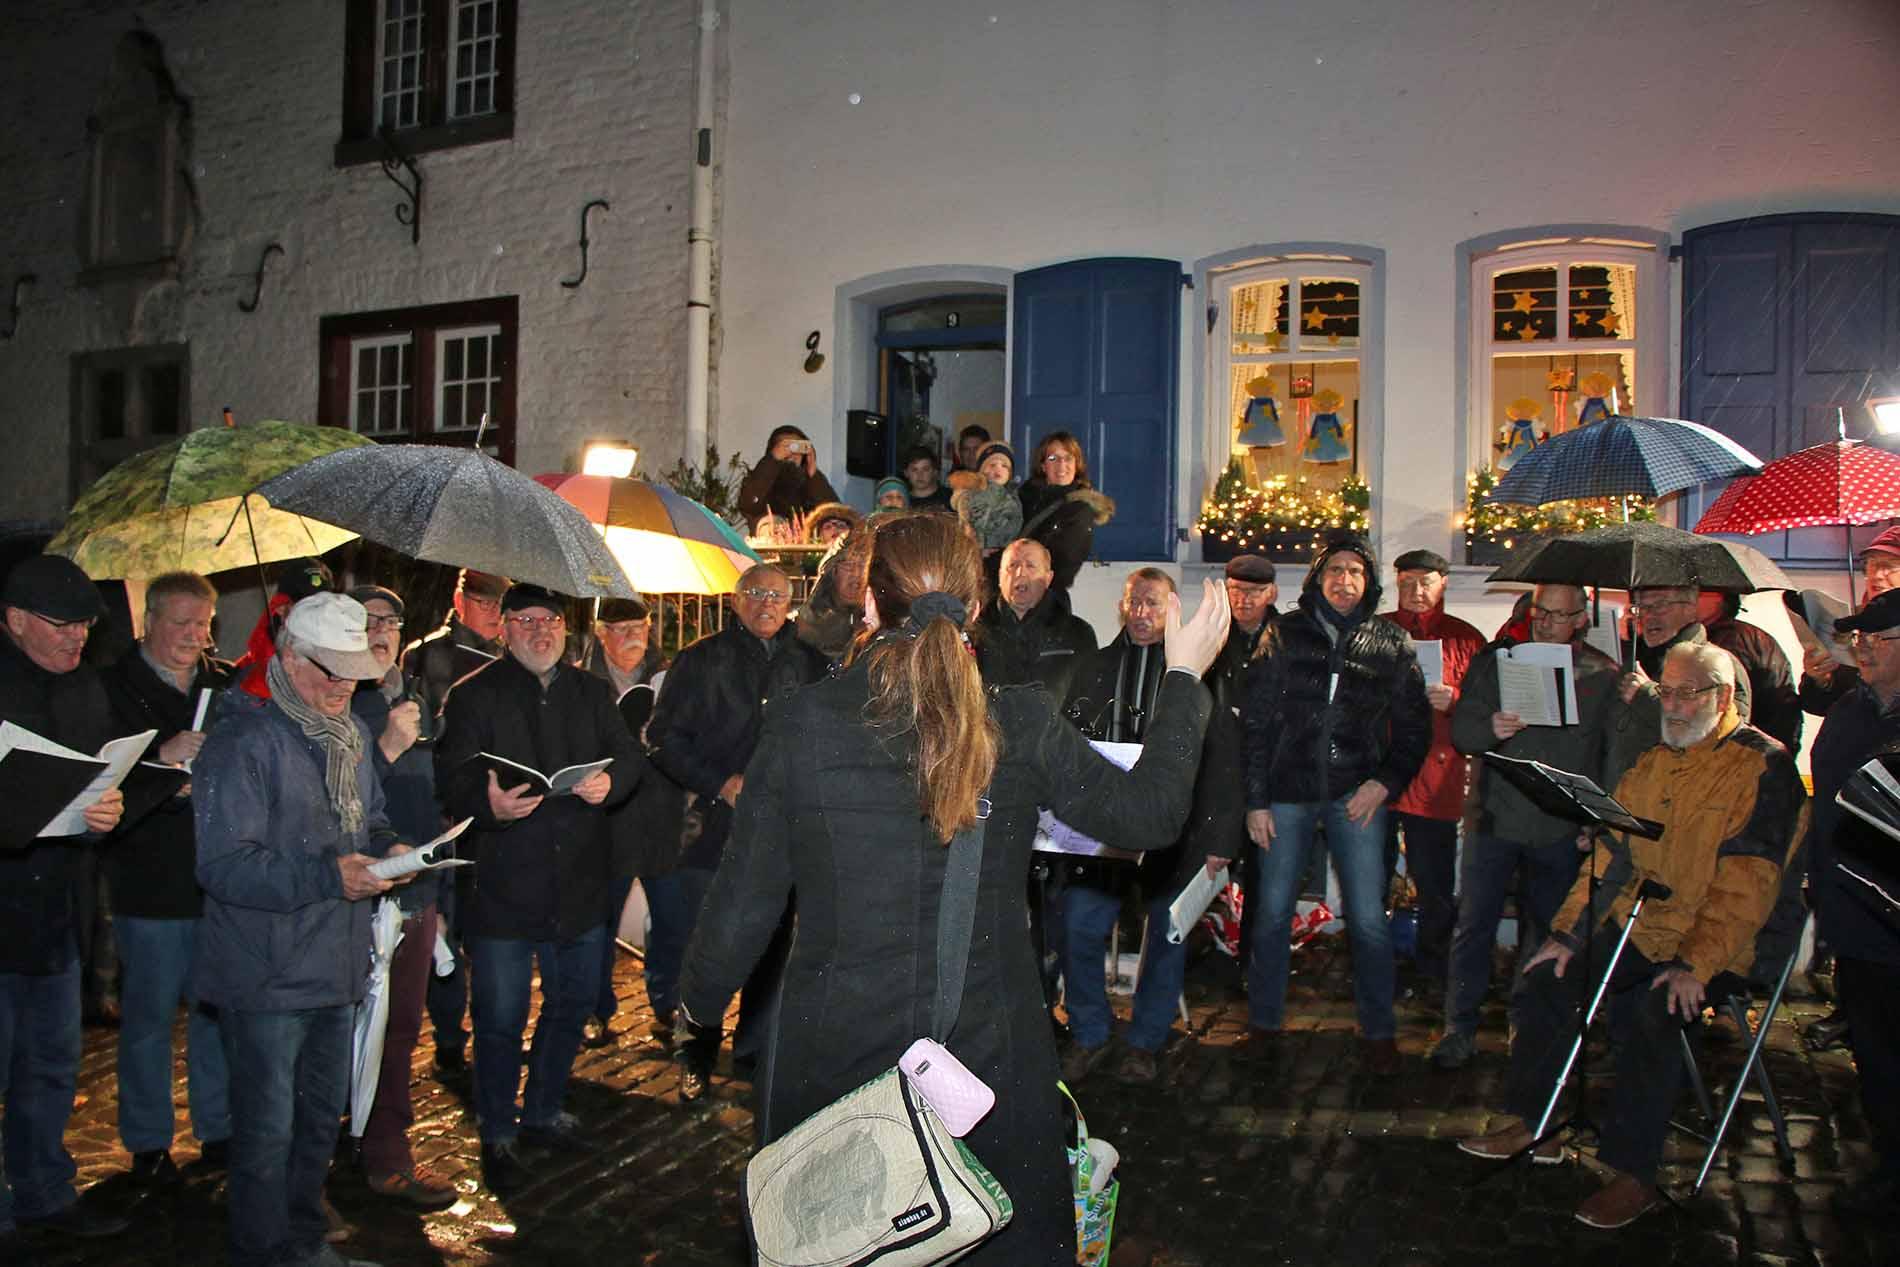 Beim diesjährigen Adventstürchen öffnen und vorweihnachtlichem Mitsingkonzert hatte der MGV Quartettverein samt Chorleiterin Daniela Bosenius mit Regen und Sturm zu kämpfen. (Fotos: Bastian Schlößer)